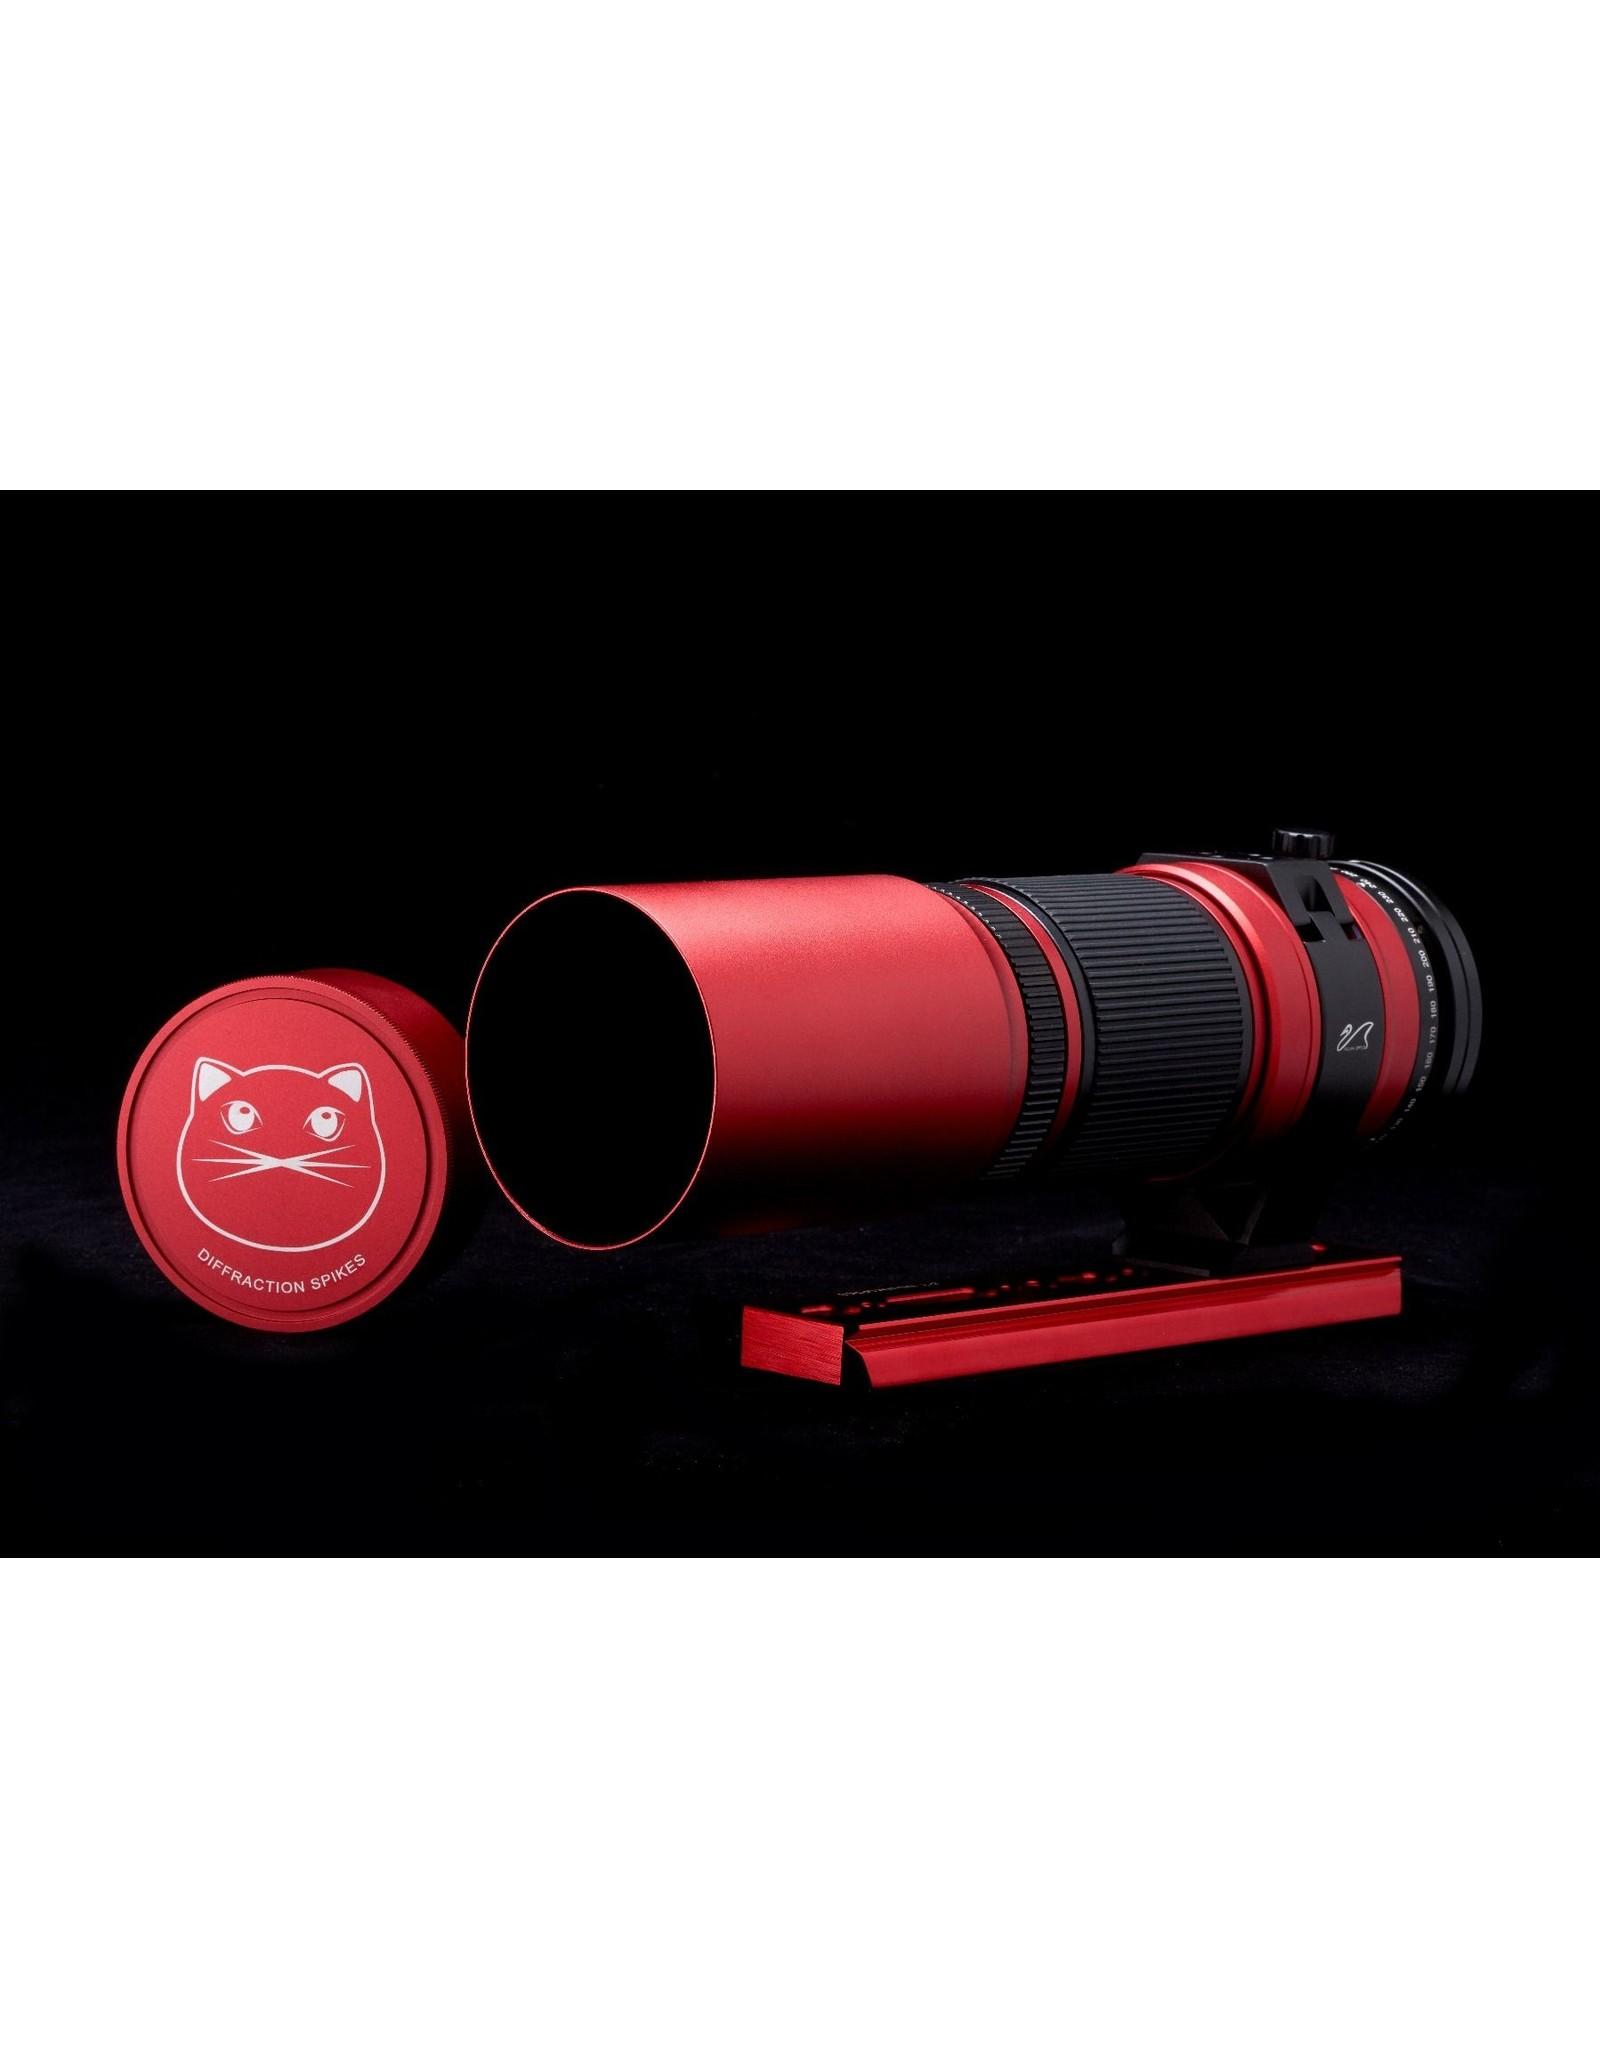 William Optics William Optics RedCat 51 APO 250mm f/4.9 (1.5 Generation)